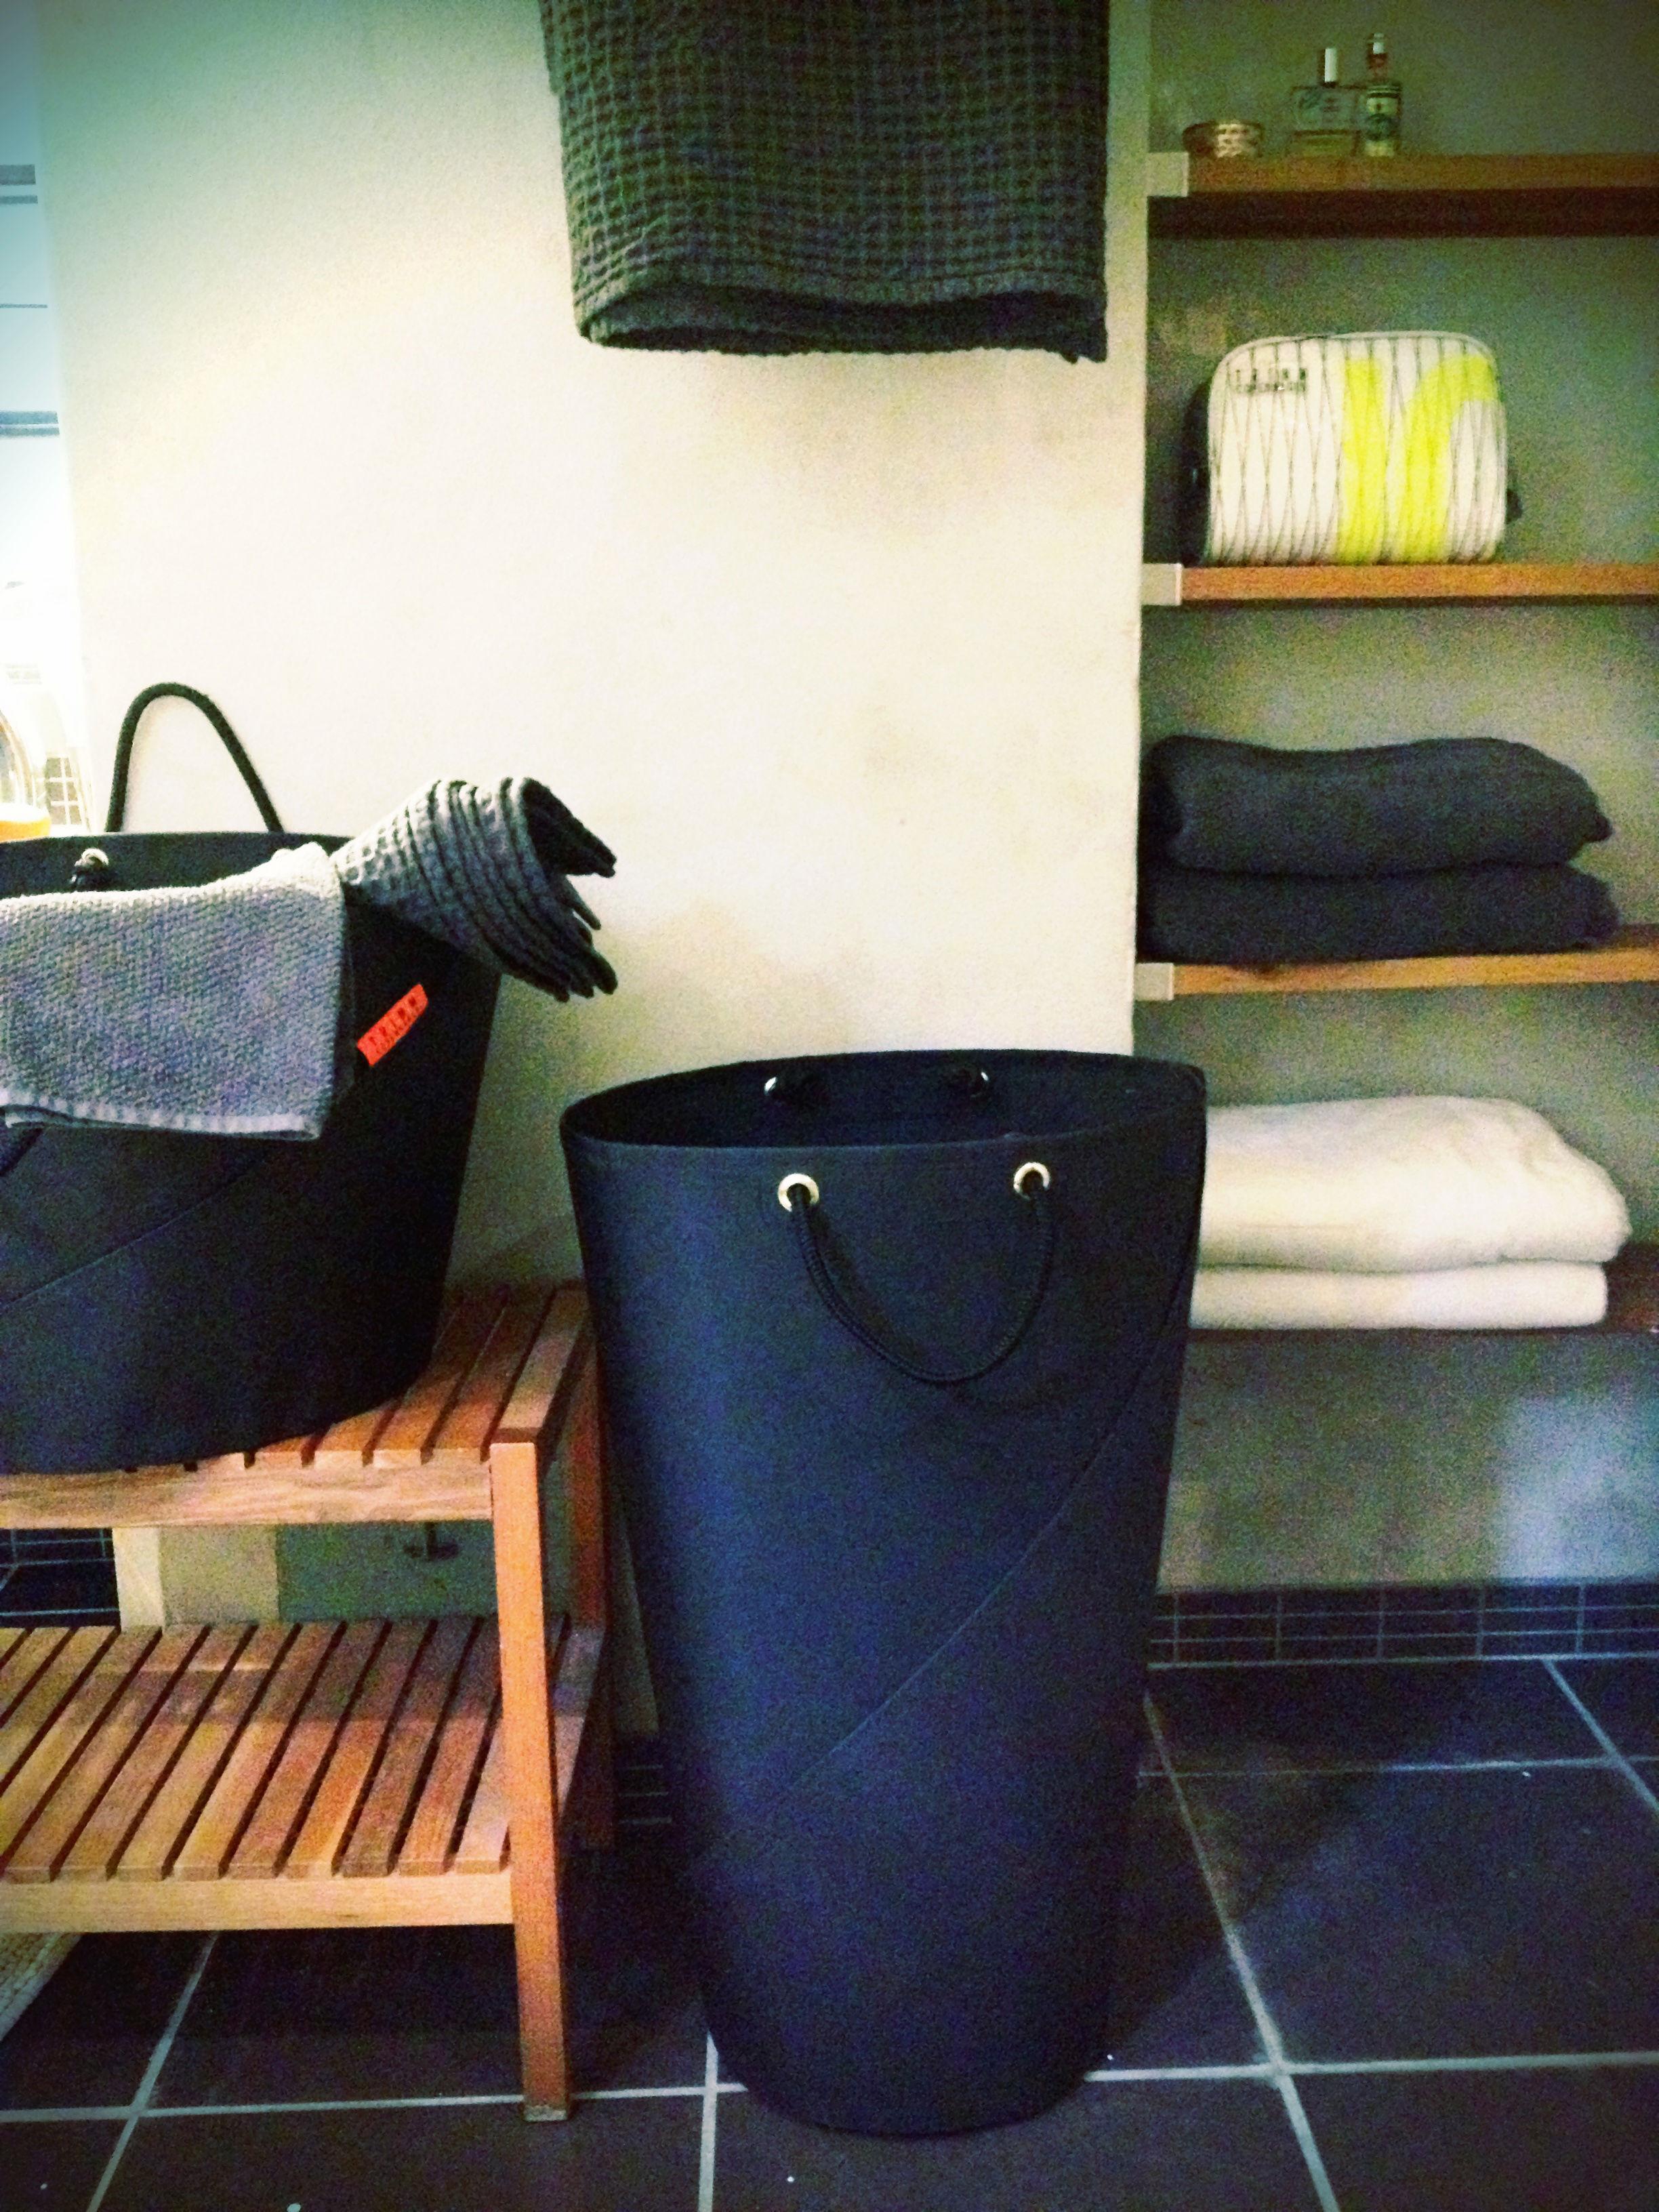 w schekorb stoff 30 cm x h 70 cm schwarz by trimm copenhagen made in design. Black Bedroom Furniture Sets. Home Design Ideas